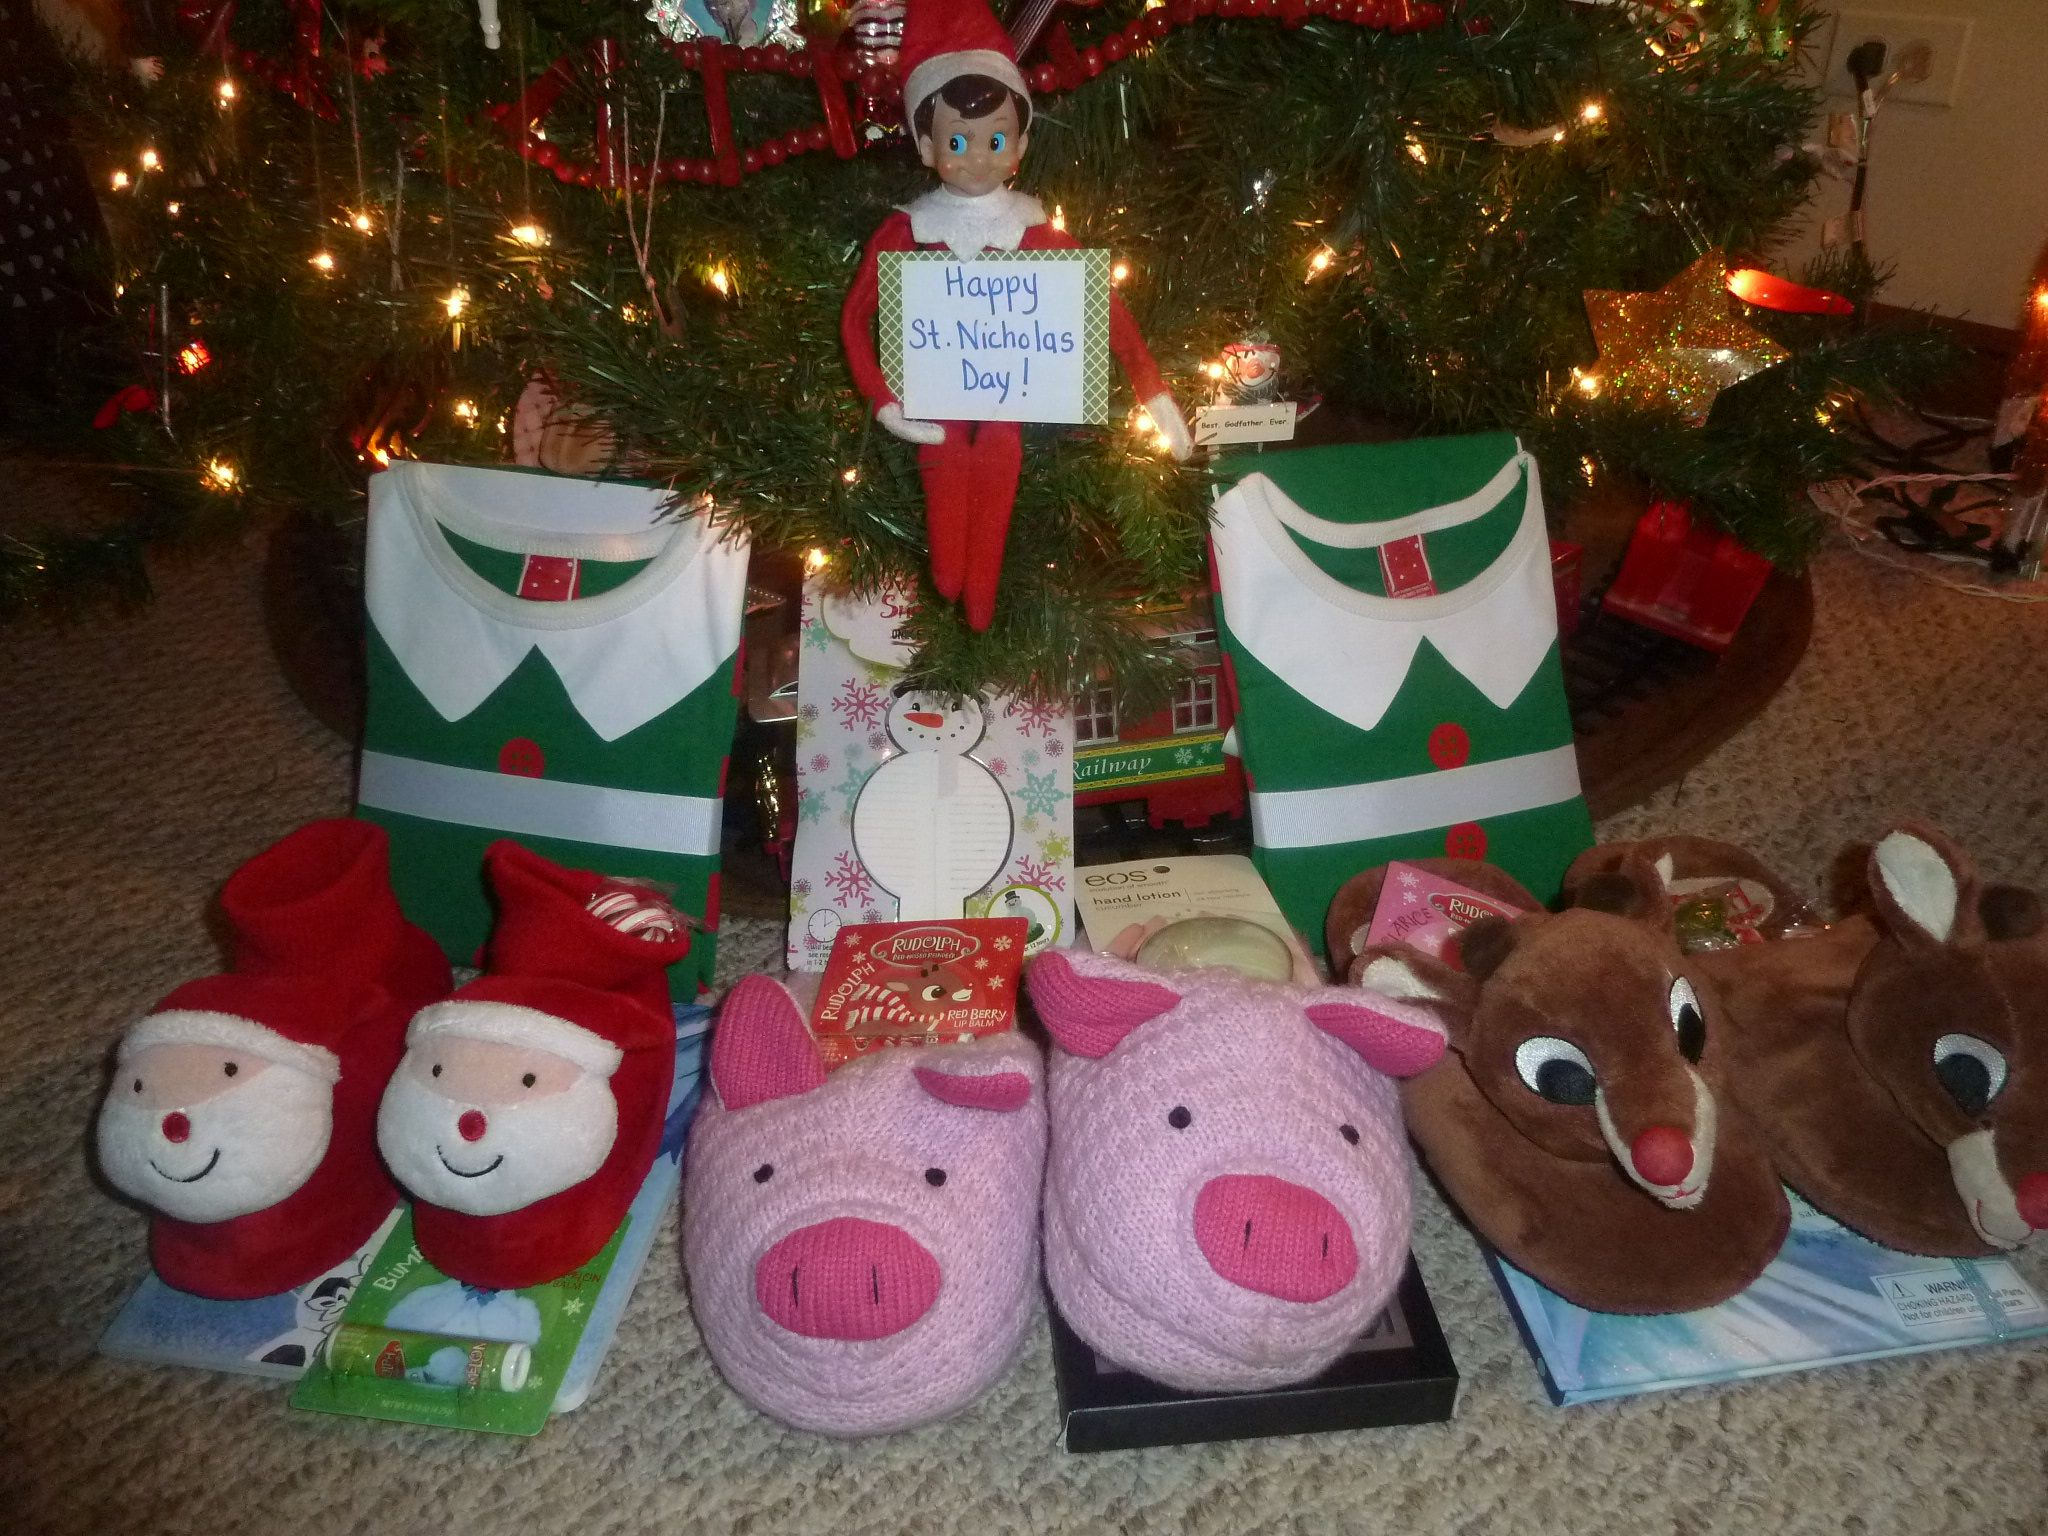 Day 6: Happy St. Nicholas Day